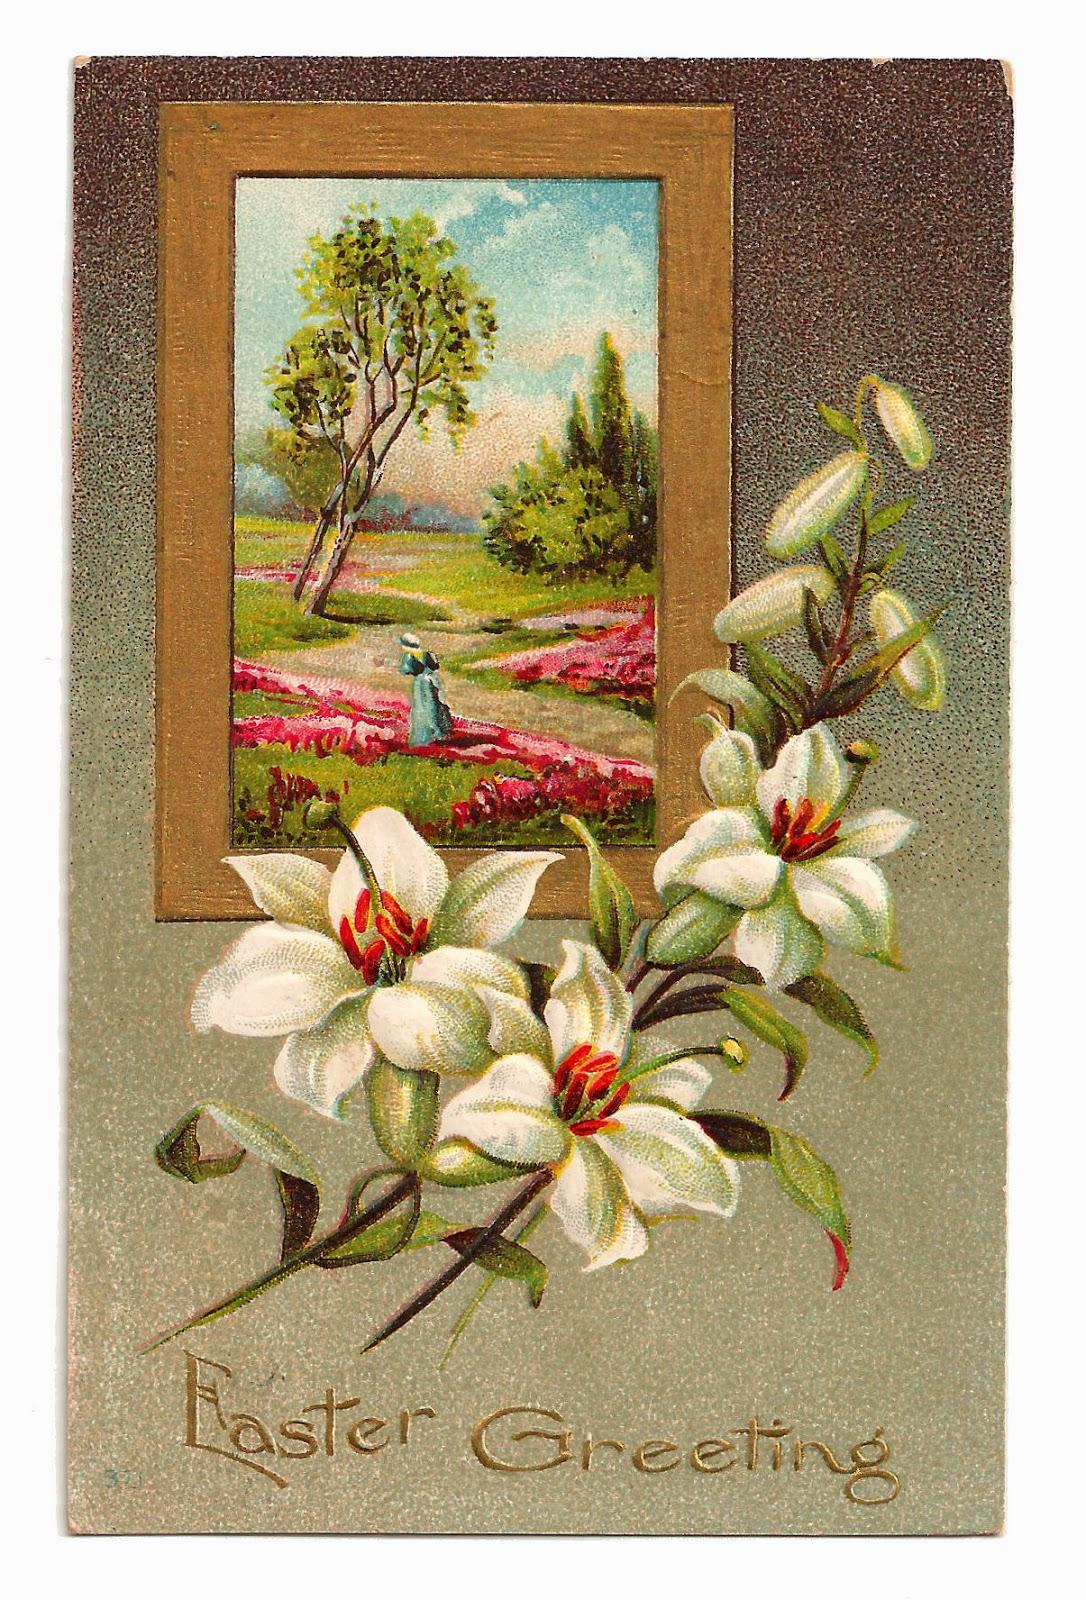 http://2.bp.blogspot.com/-nz3lI2NPU0I/VOpnD2s8PyI/AAAAAAAAVms/LXrsIQH8NFA/s1600/easter_pc_2_1910-2.jpg